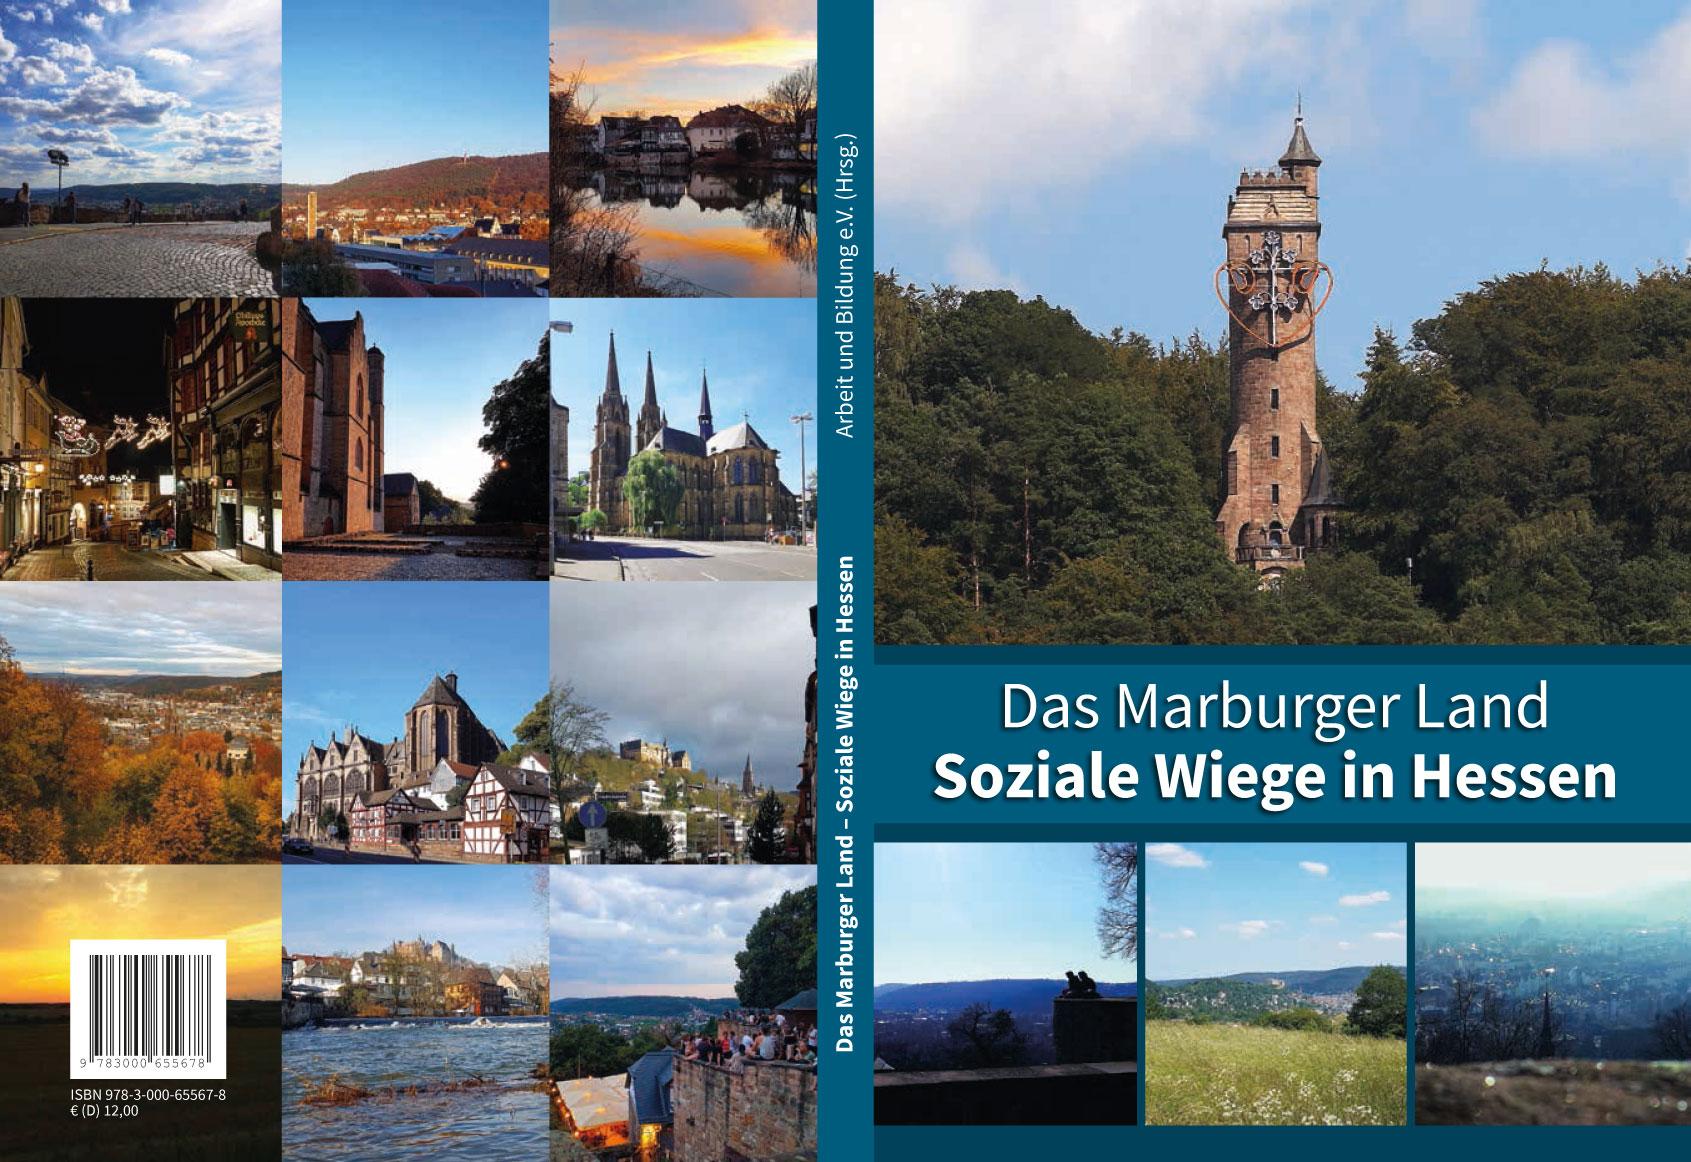 Marburger Land - Soziale Wiege in Hessen